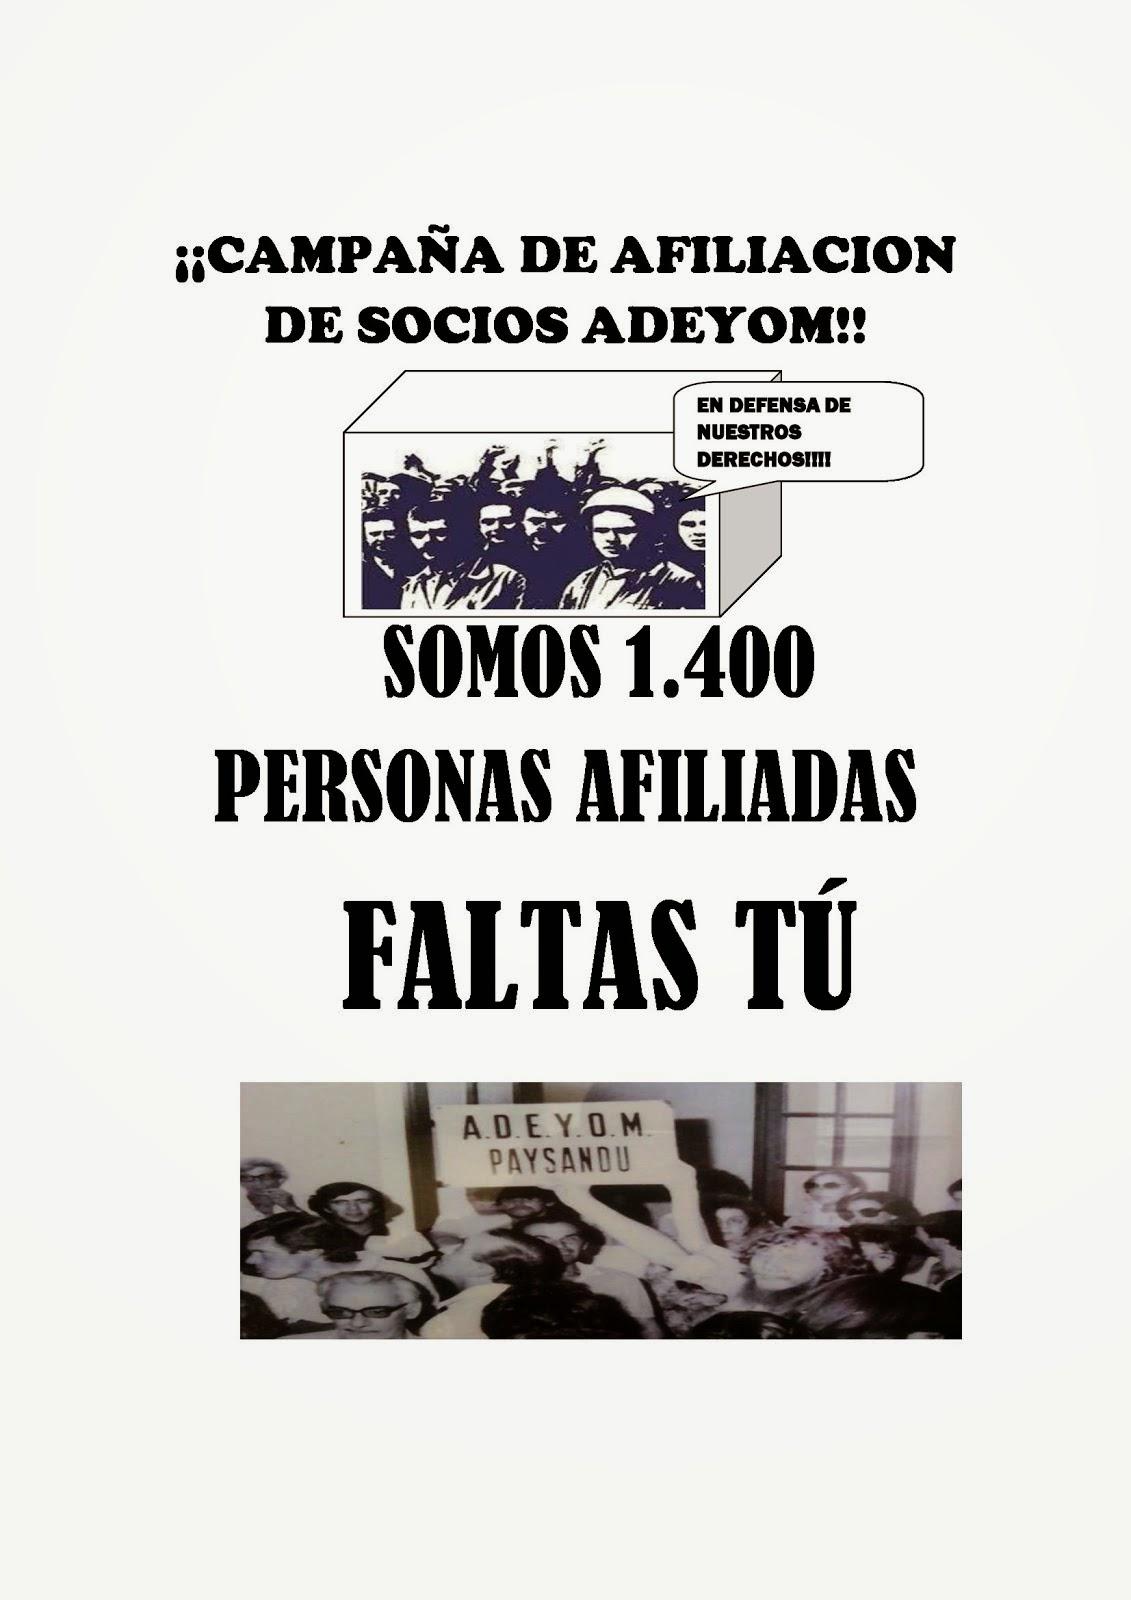 SÚMATE A ESTA CAMPAÑA